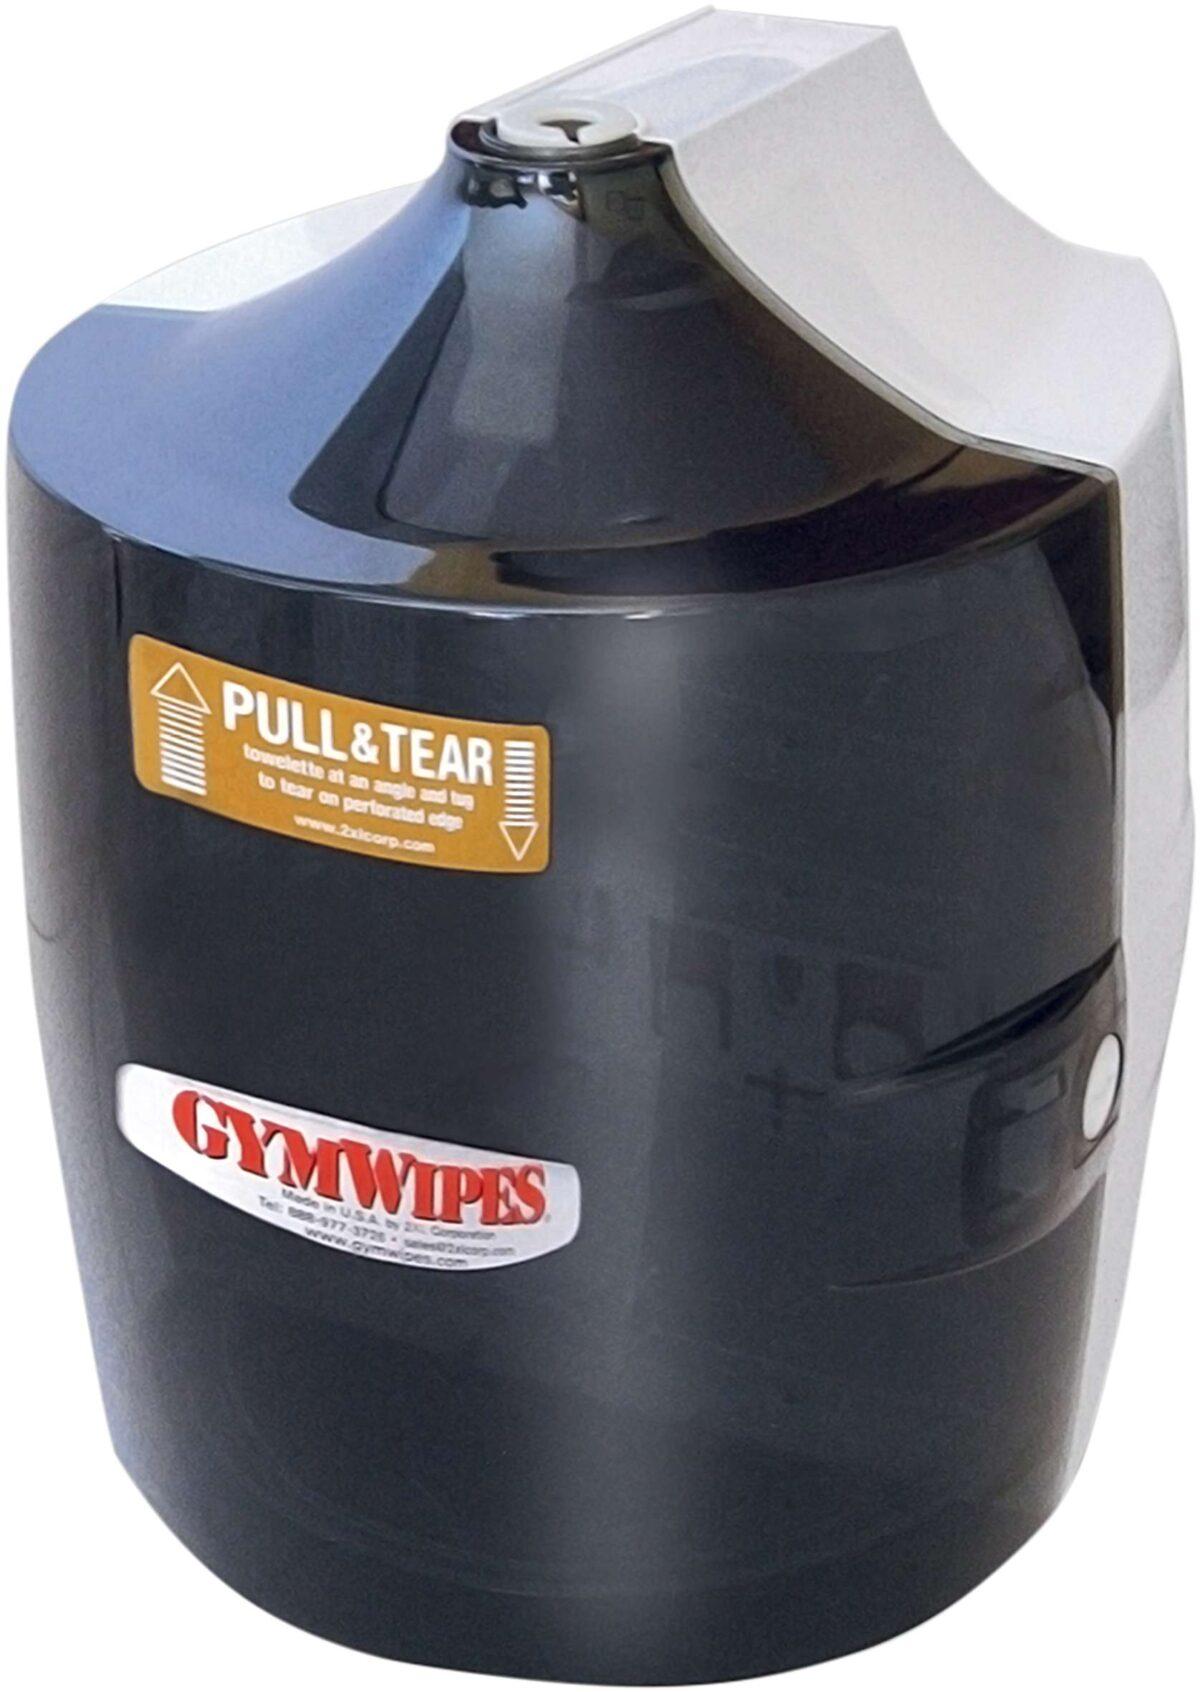 Wandspender für Reinigungstücher - Fitnessgeräte - 2XL